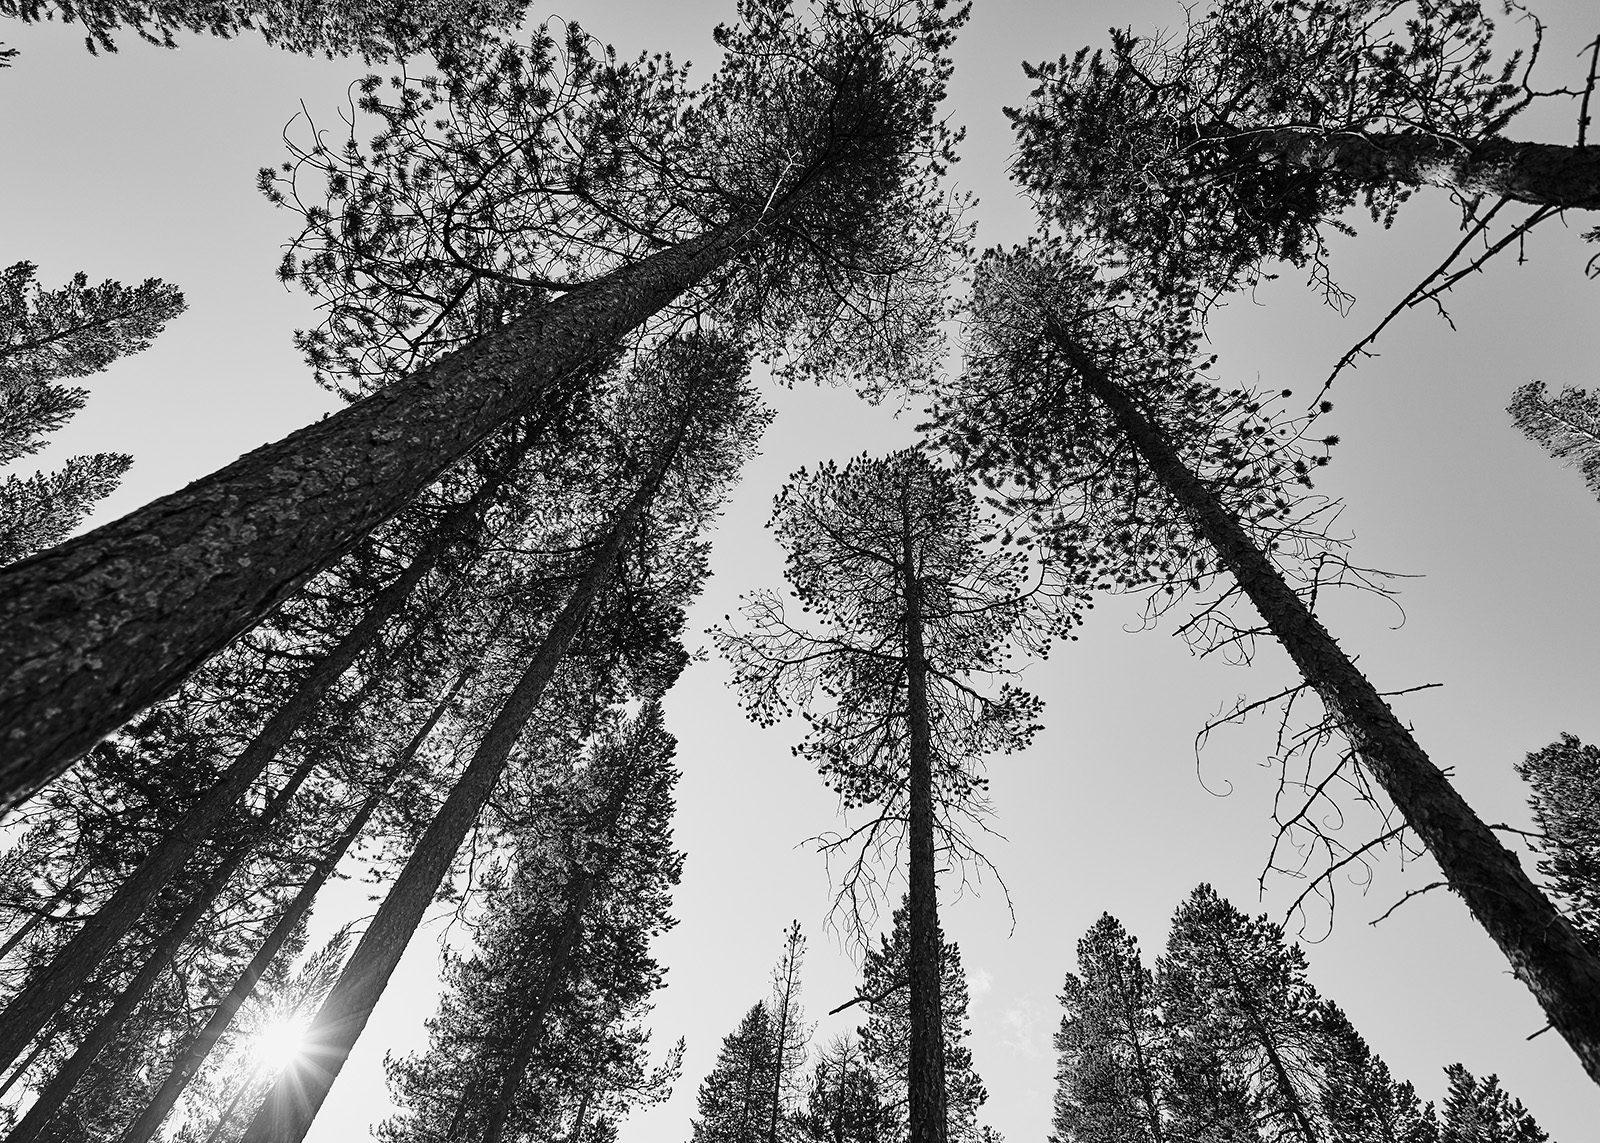 Femundskogen sort-hvit av Henning Mella